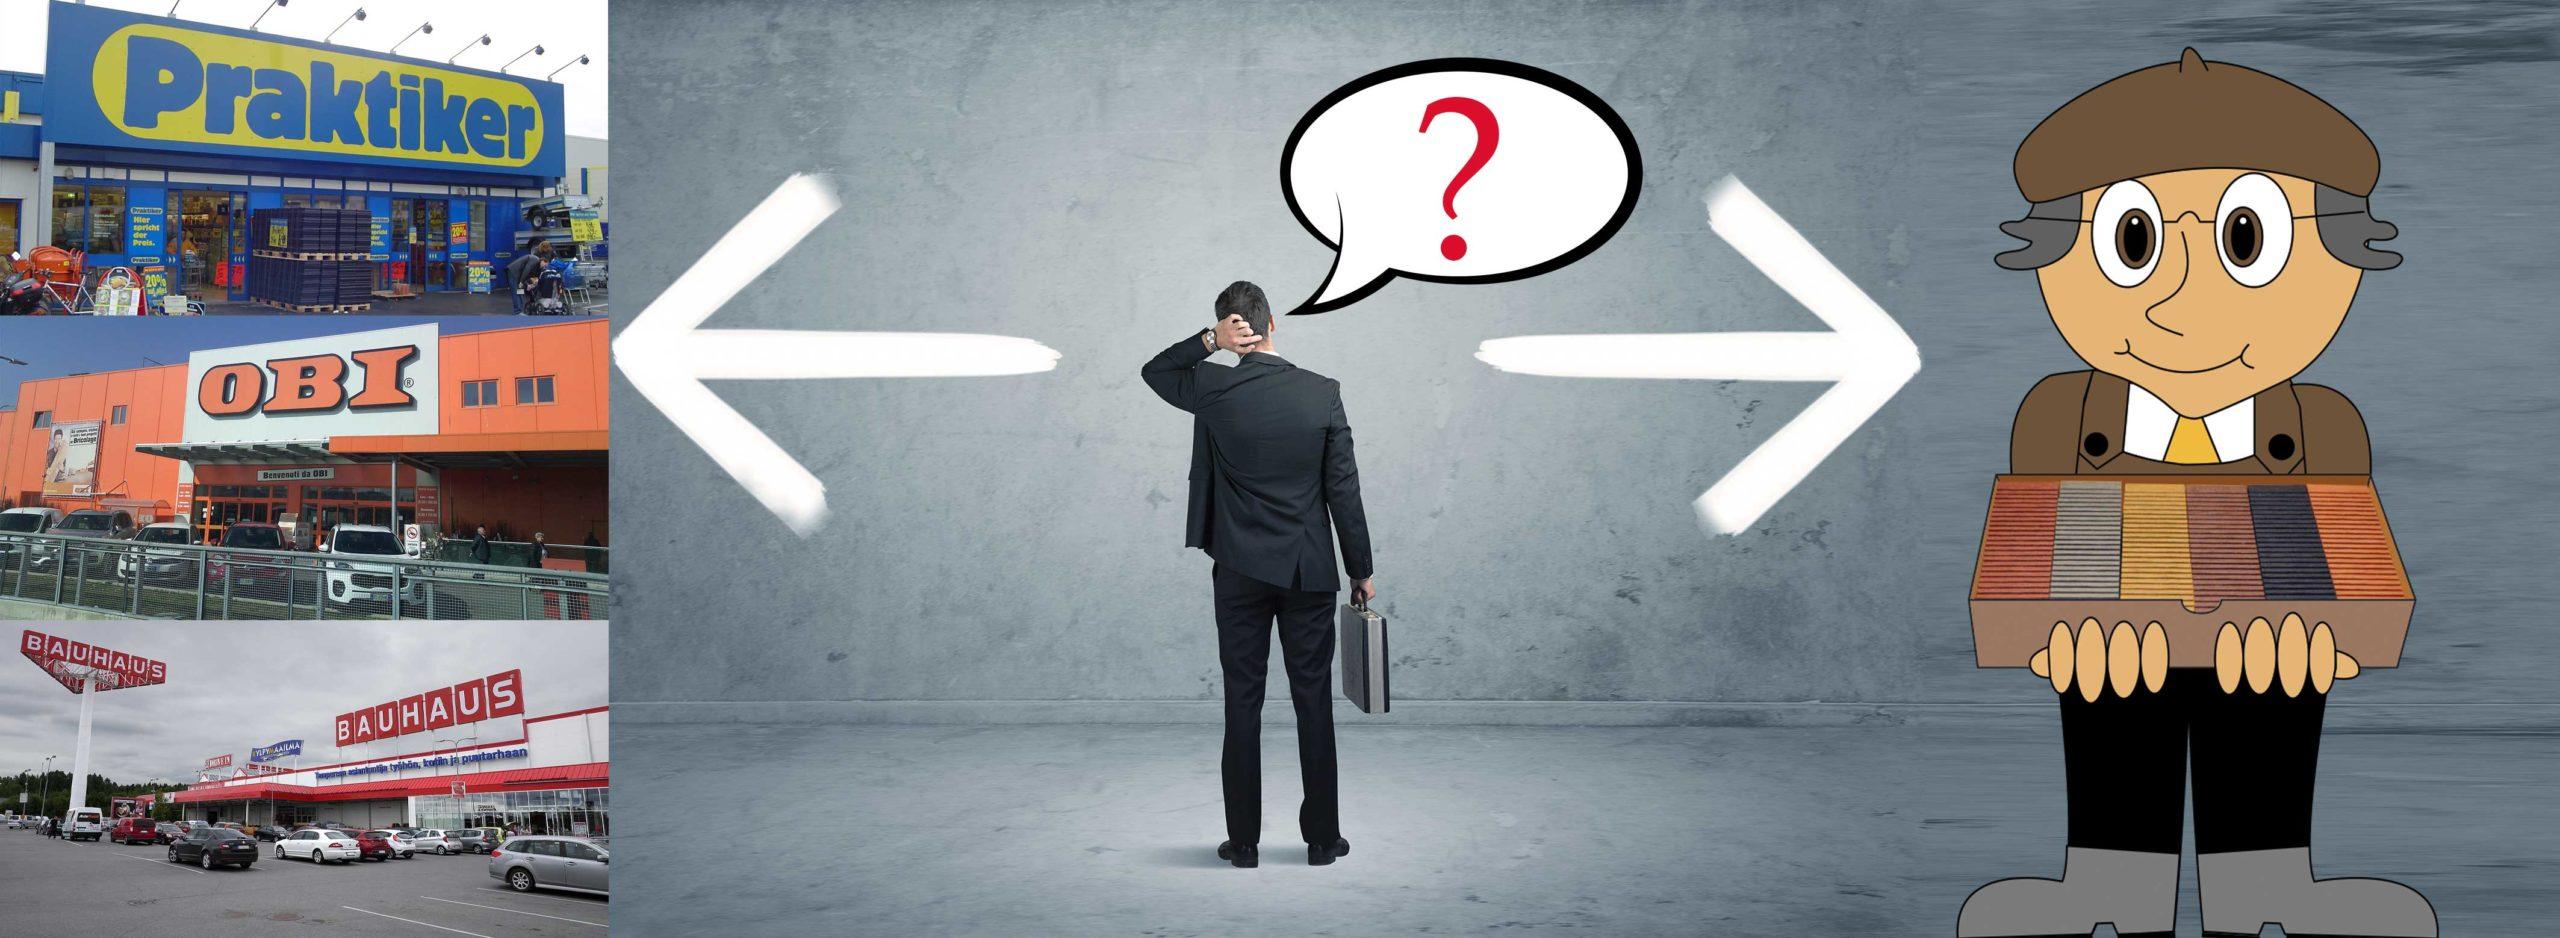 Honnan vásároljunk WPC-t? Szakkereskedőtől vagy a Praktiker-ből, az Obi-ból, talán a Bauhaus-ból?